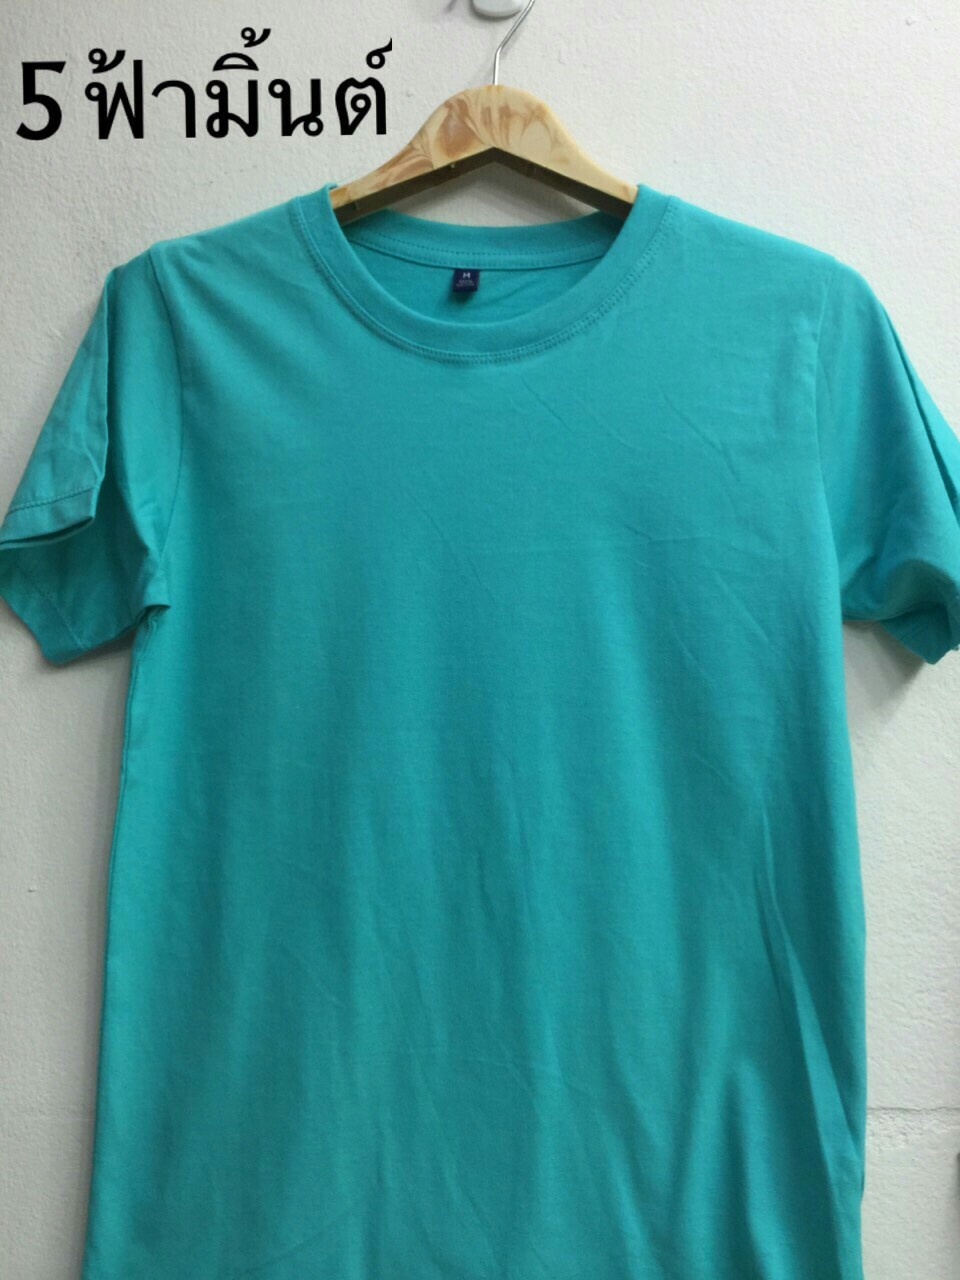 เสื้อ Cotton สีฟ้ามิ้น ไซส์ S,M,L